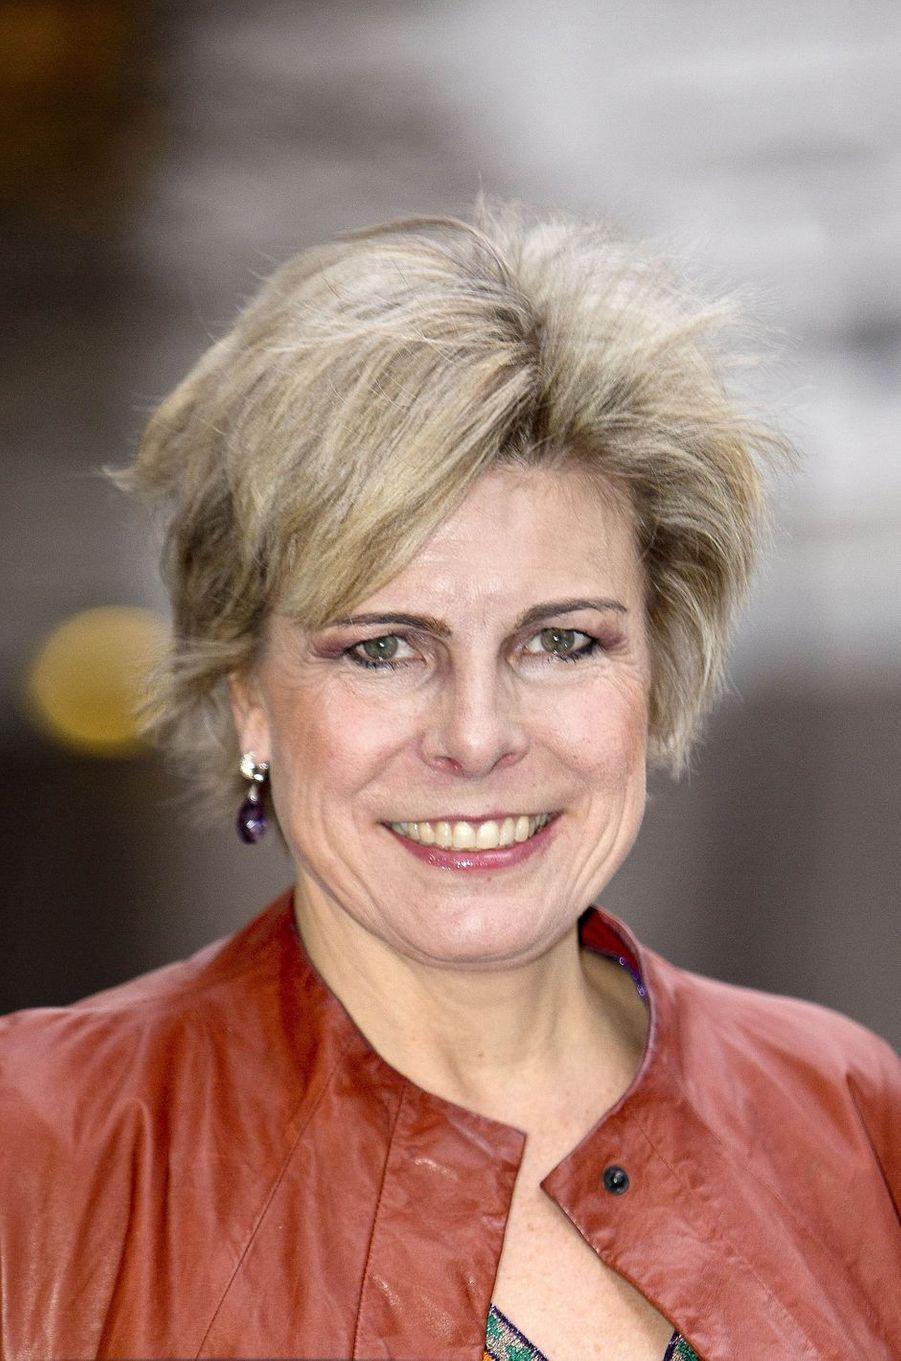 La princesse Laurentien des Pays-Bas à La Haye, le 24 janvier 2018